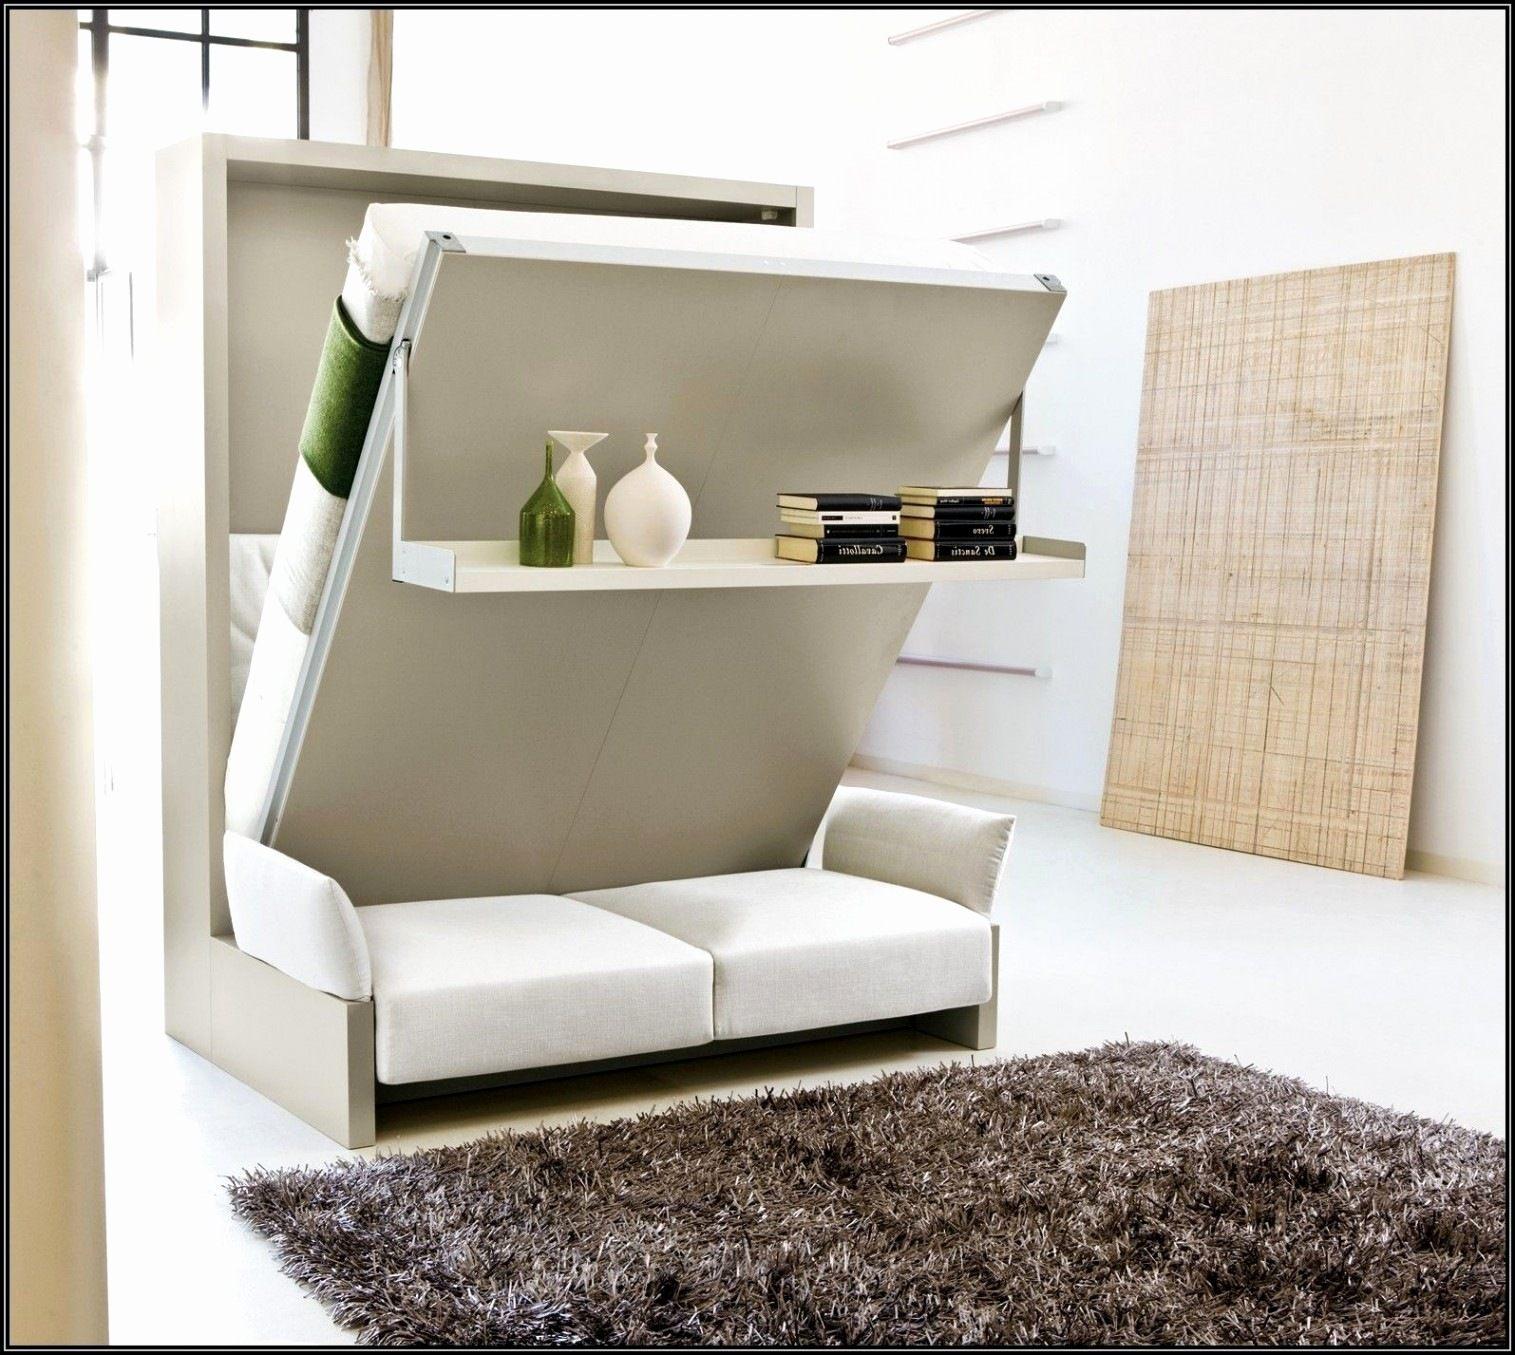 Lit 120×190 Ikea Le Luxe Matras 120—190 Unique Jugendbett 120—200 Ikea Frisch Lit 120 X 190